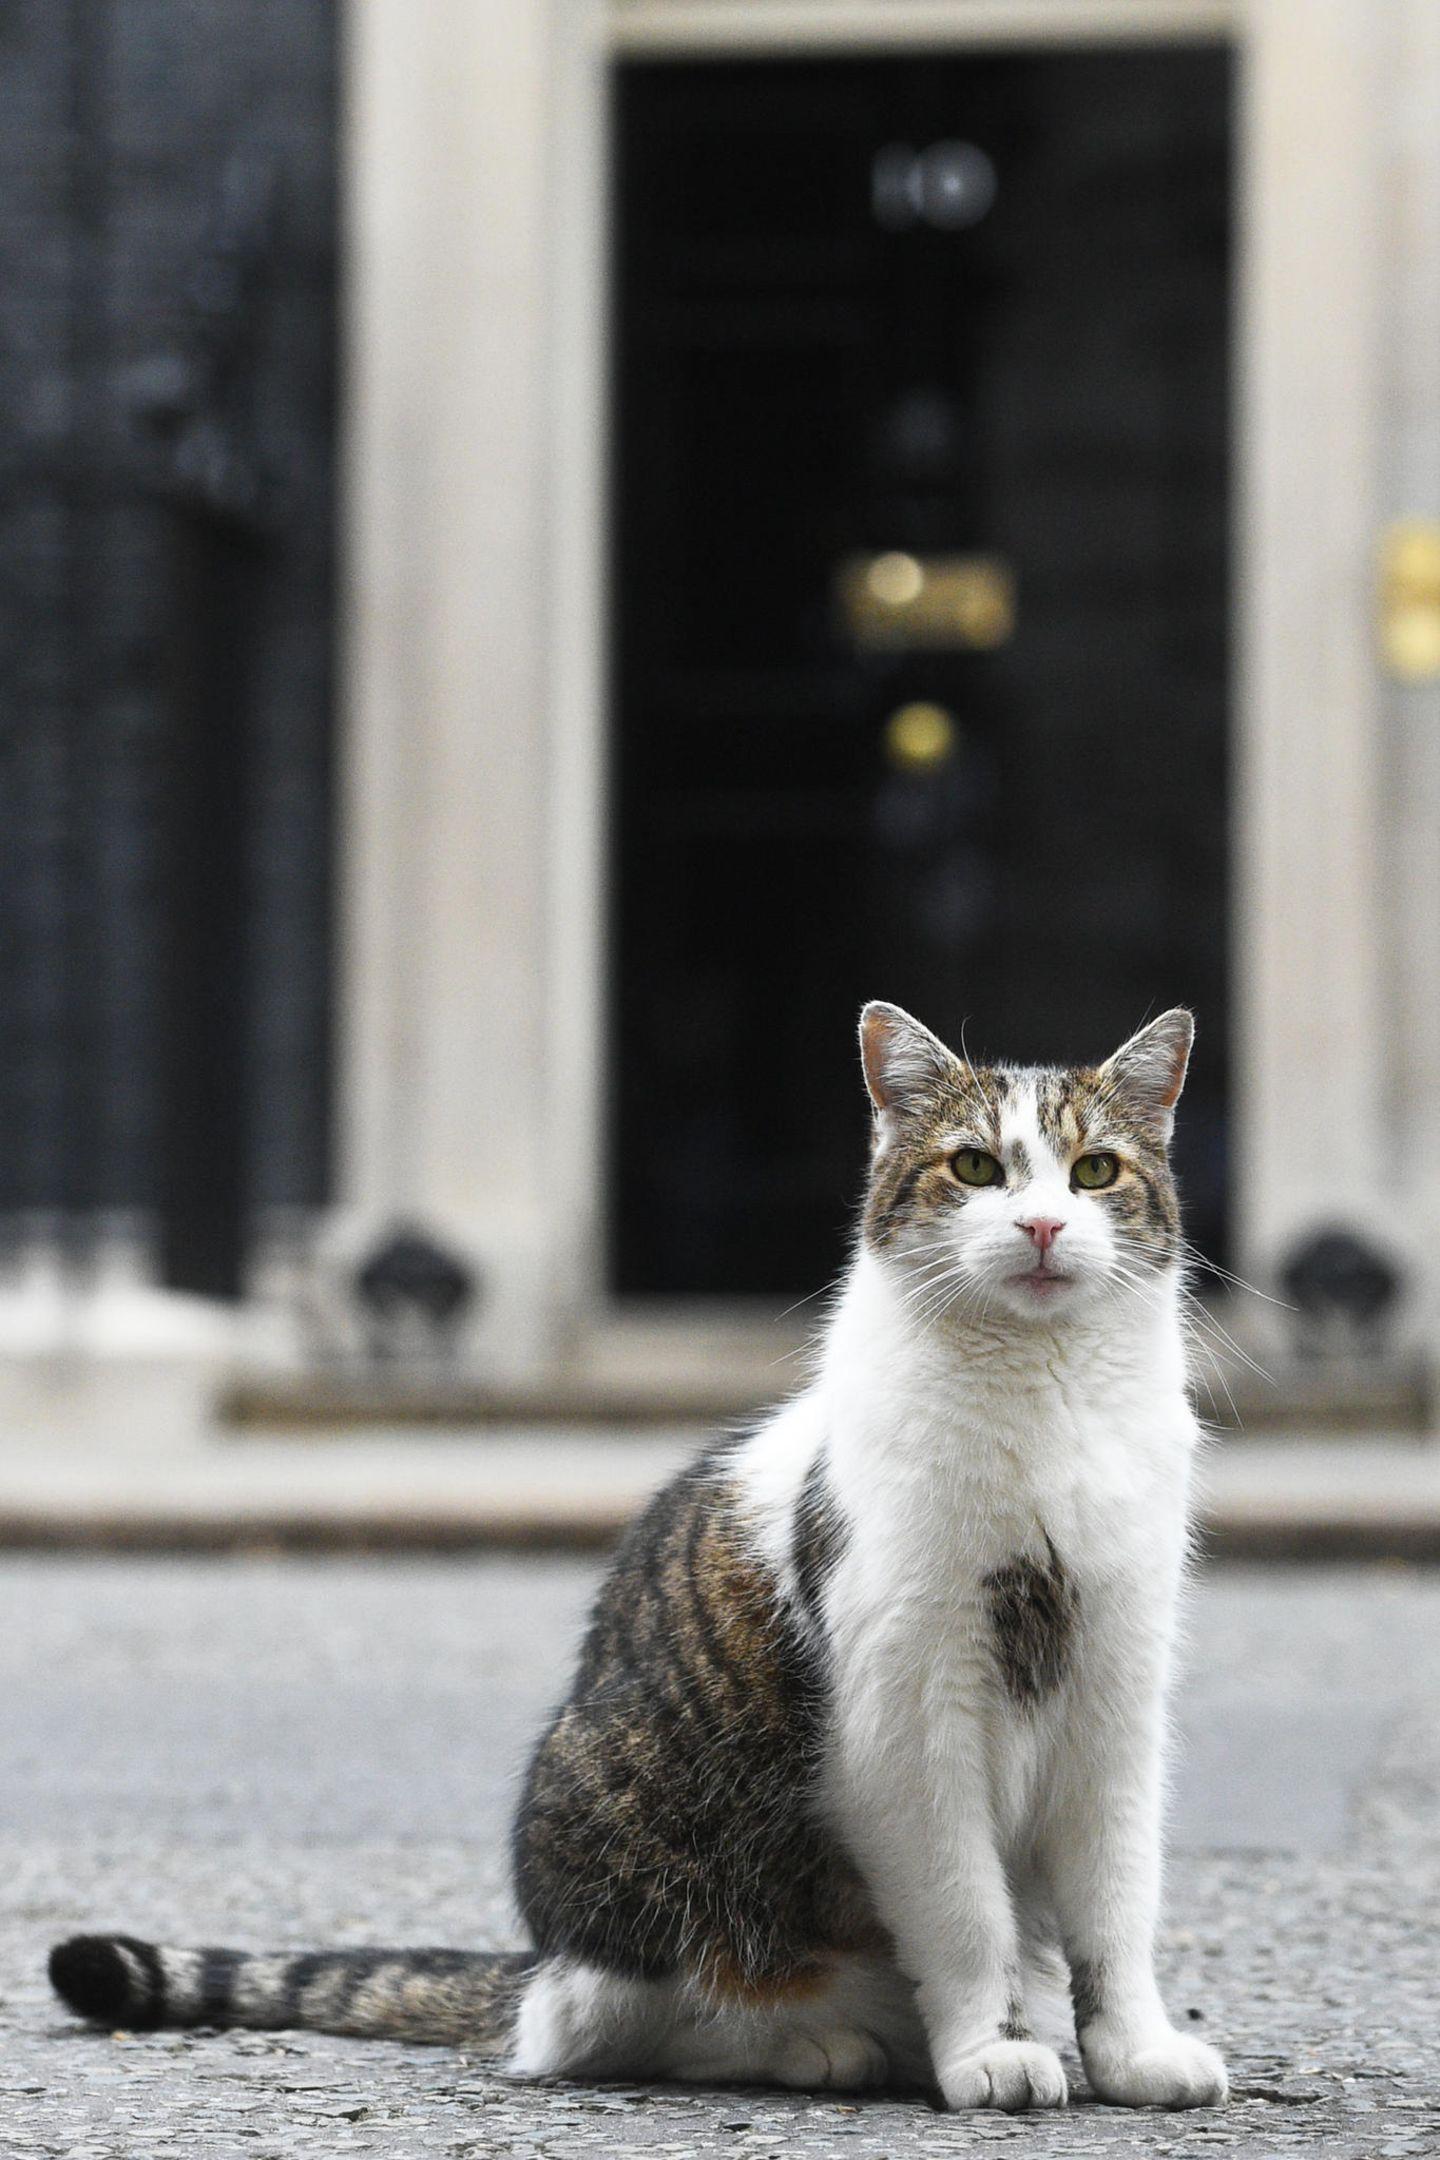 Larry, der Kater von Downing Street Nr. 10. In Europa ist die Amputation von Krallen bei Katzen größtenteils verboten.